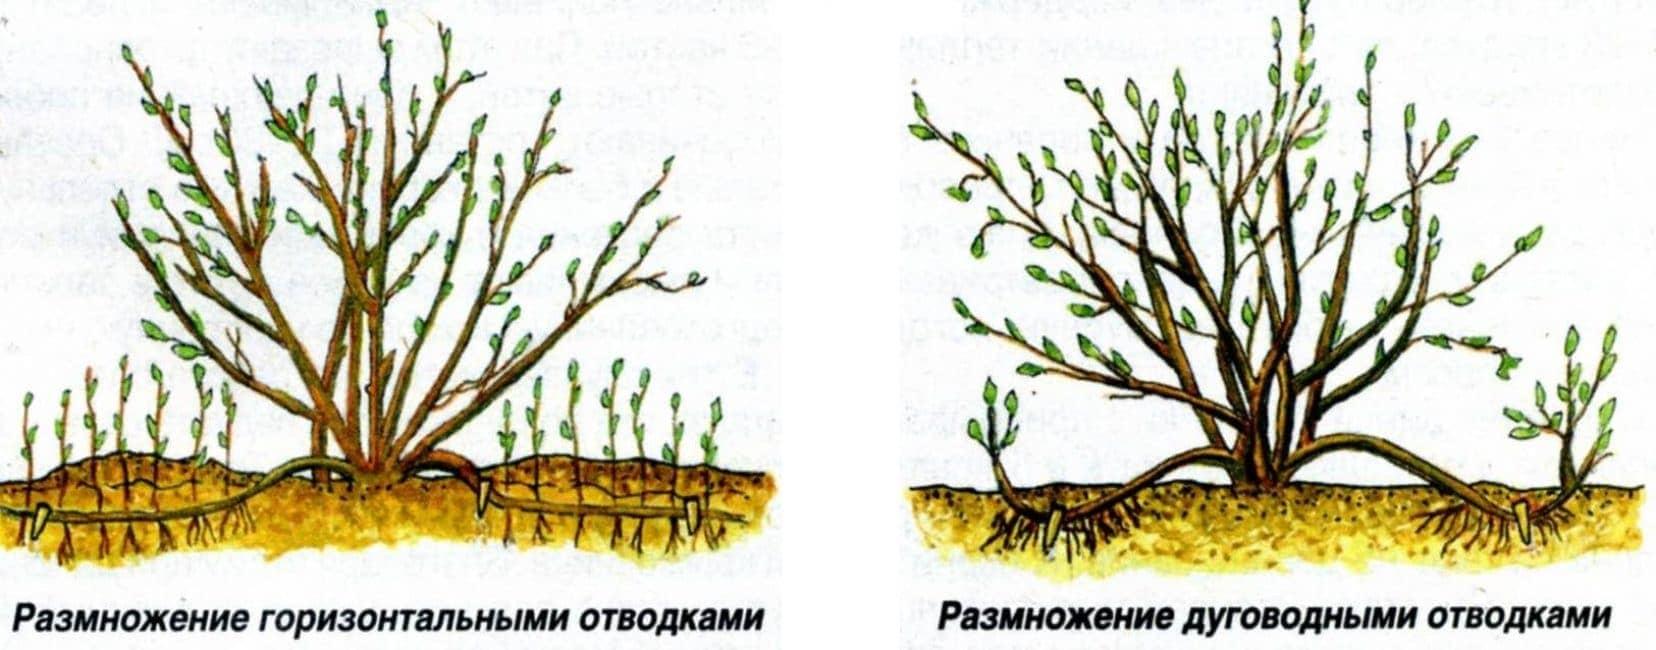 Камнеломка: описание, виды, правила посадки и ухода